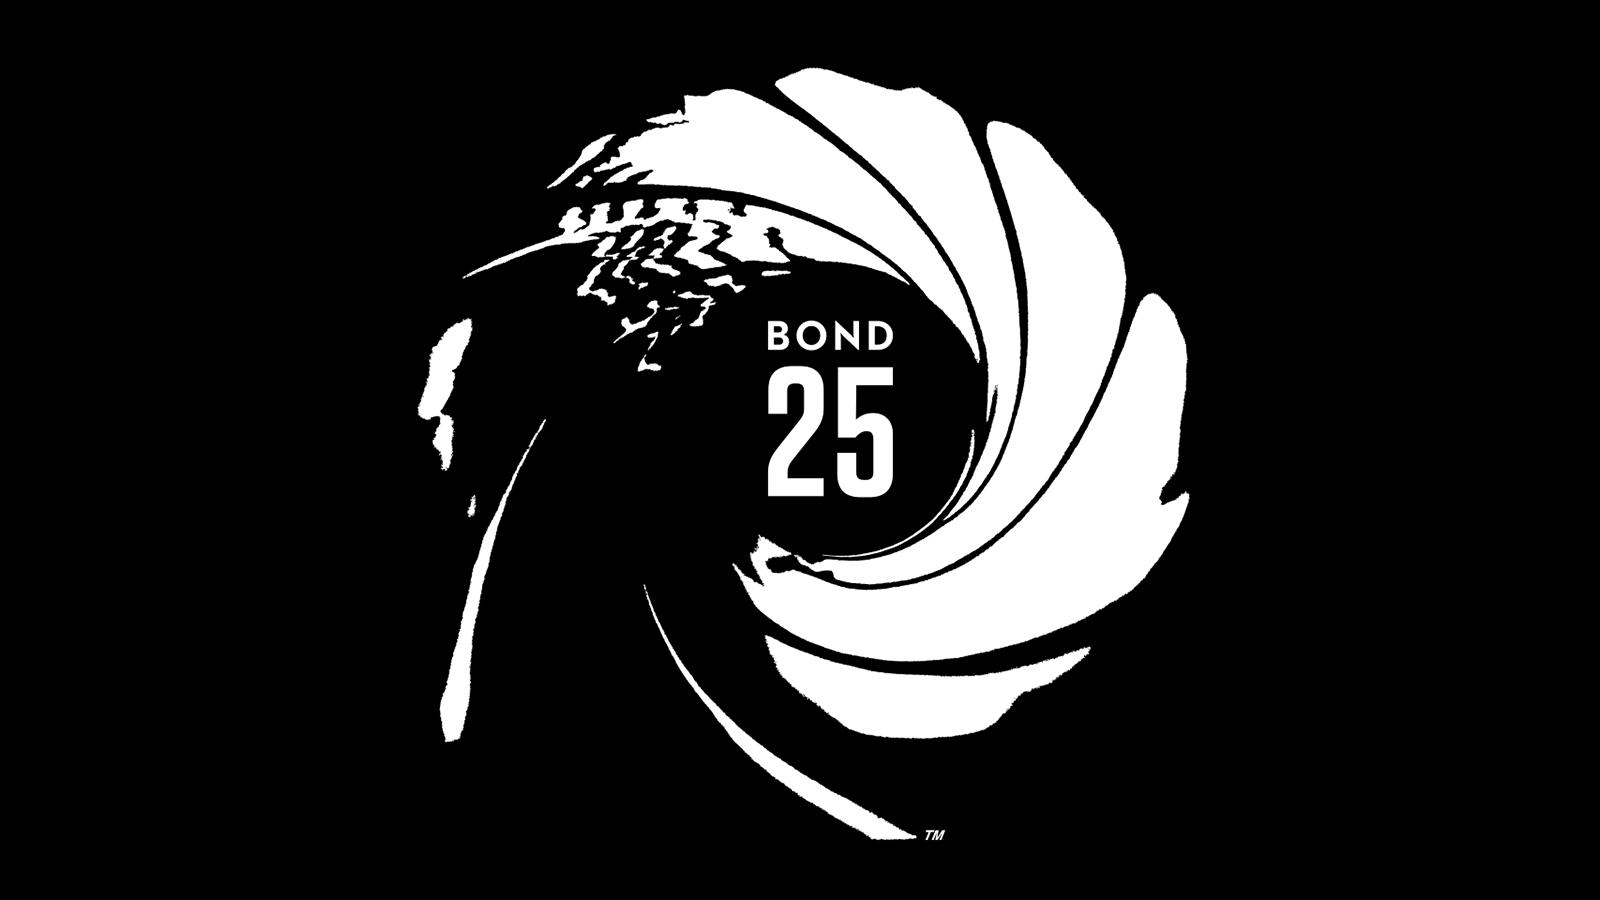 Afbeeldingsresultaat voor bond 25 release nl